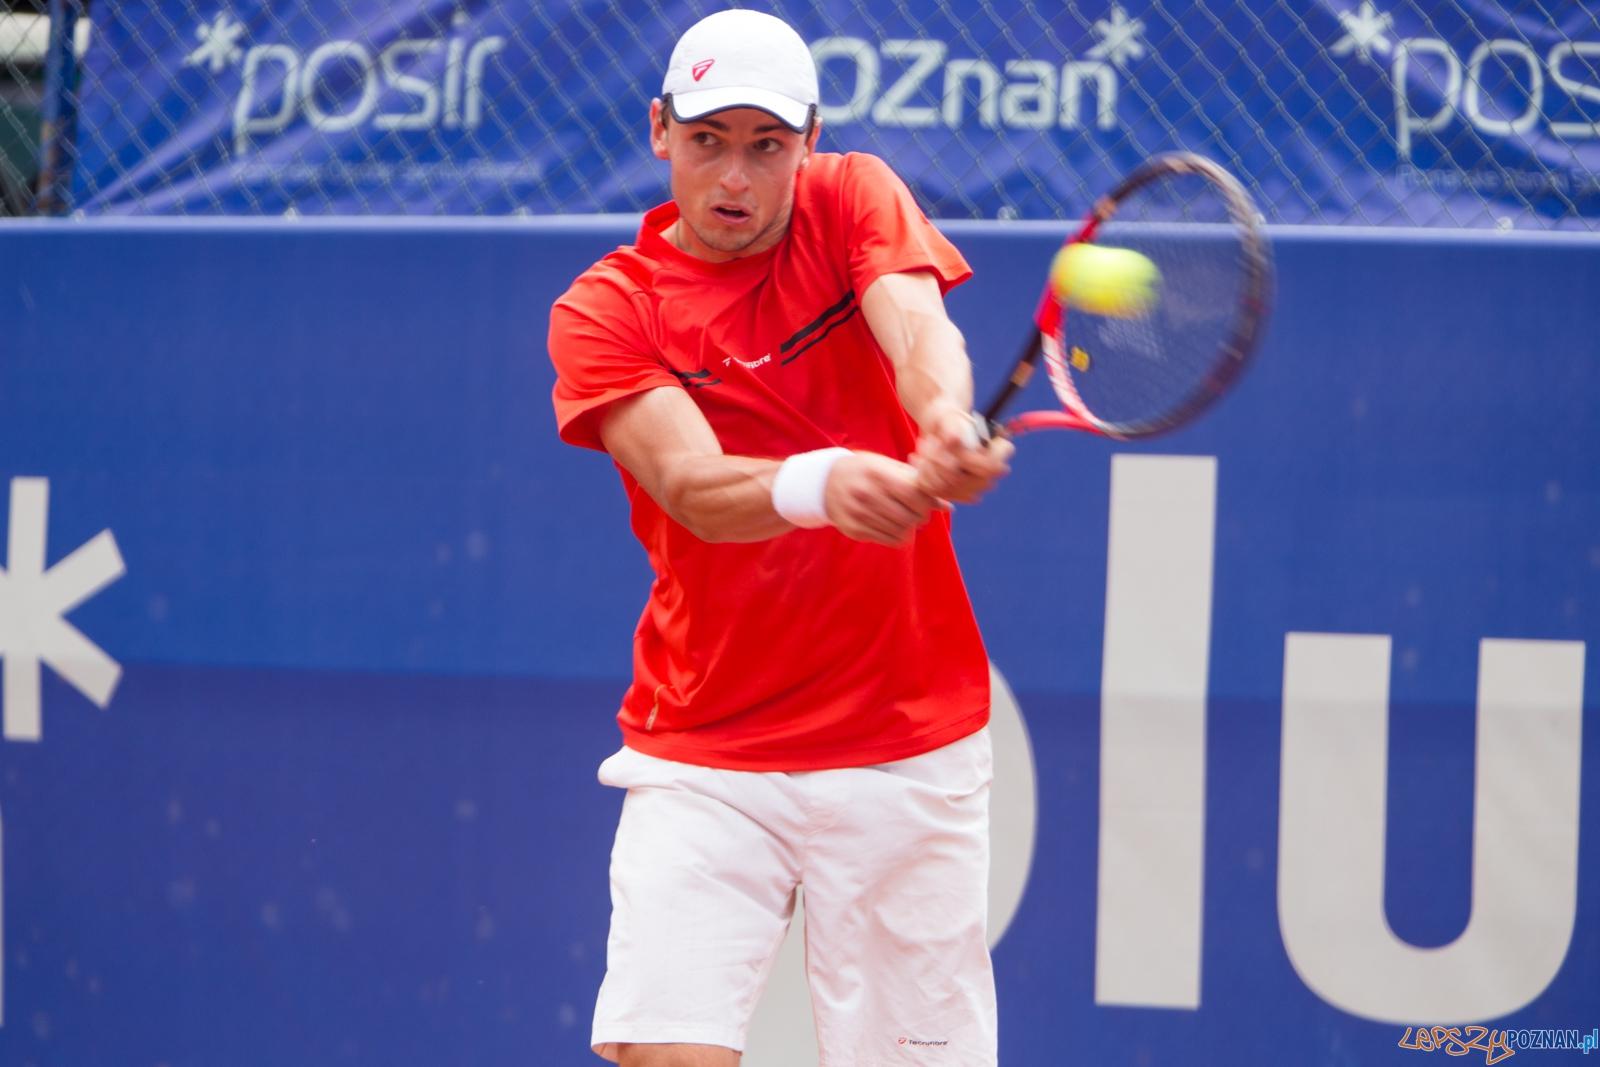 Poznan Open 2015 - Maxim Dubarenco vs Adrian Andrzejczuk  Foto: lepszyPOZNAN.pl / Piotr Rychter